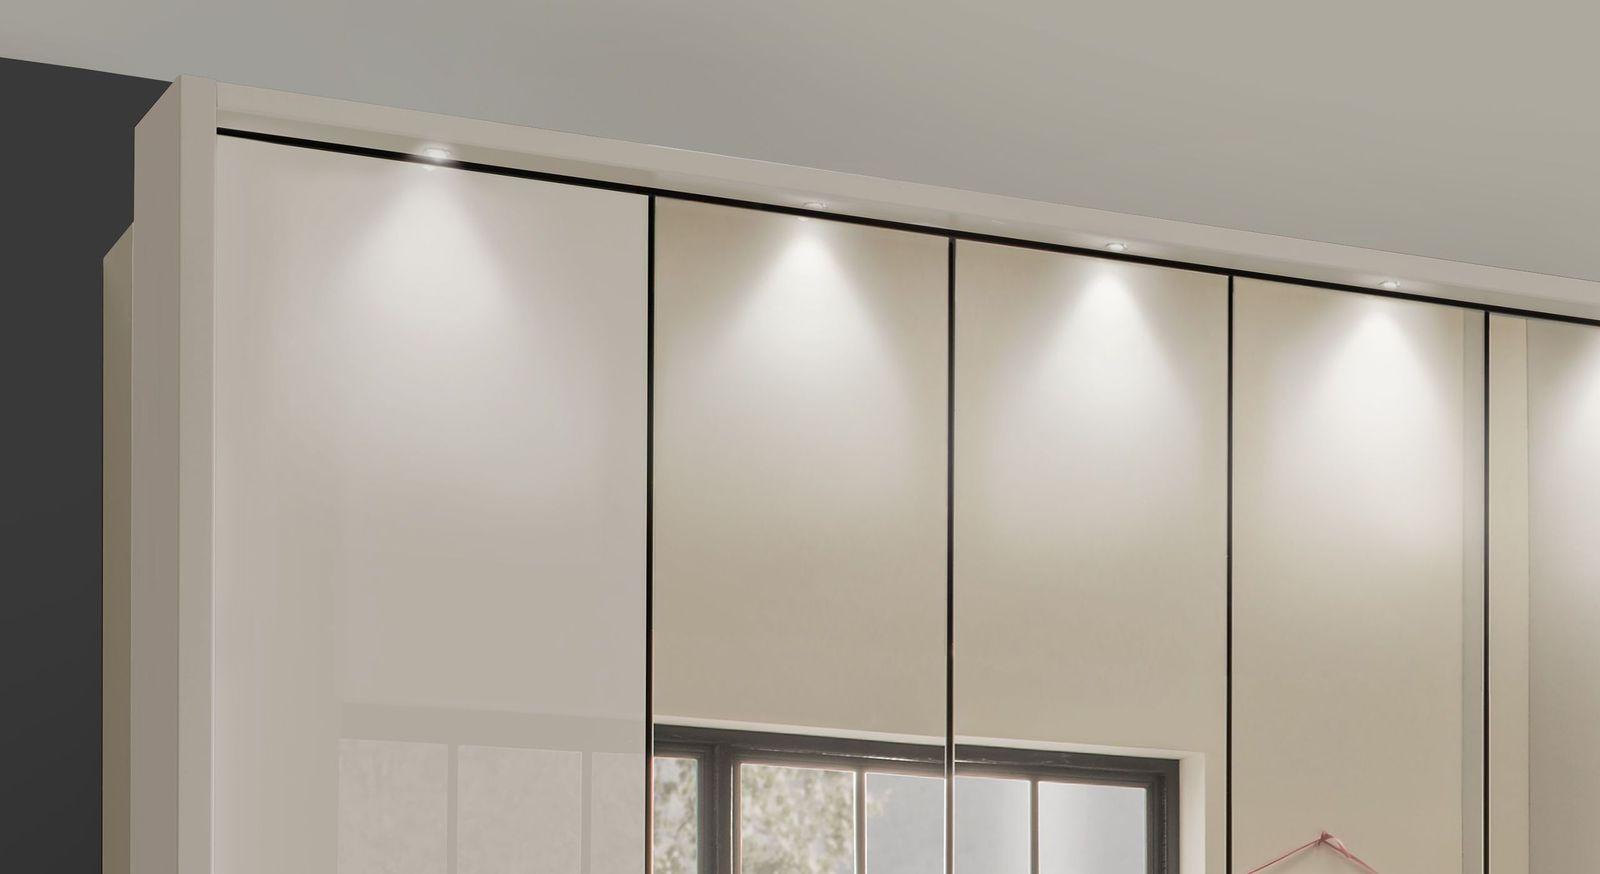 Spiegel-Falttüren-Kleiderschrank Northville optional mit Lampen